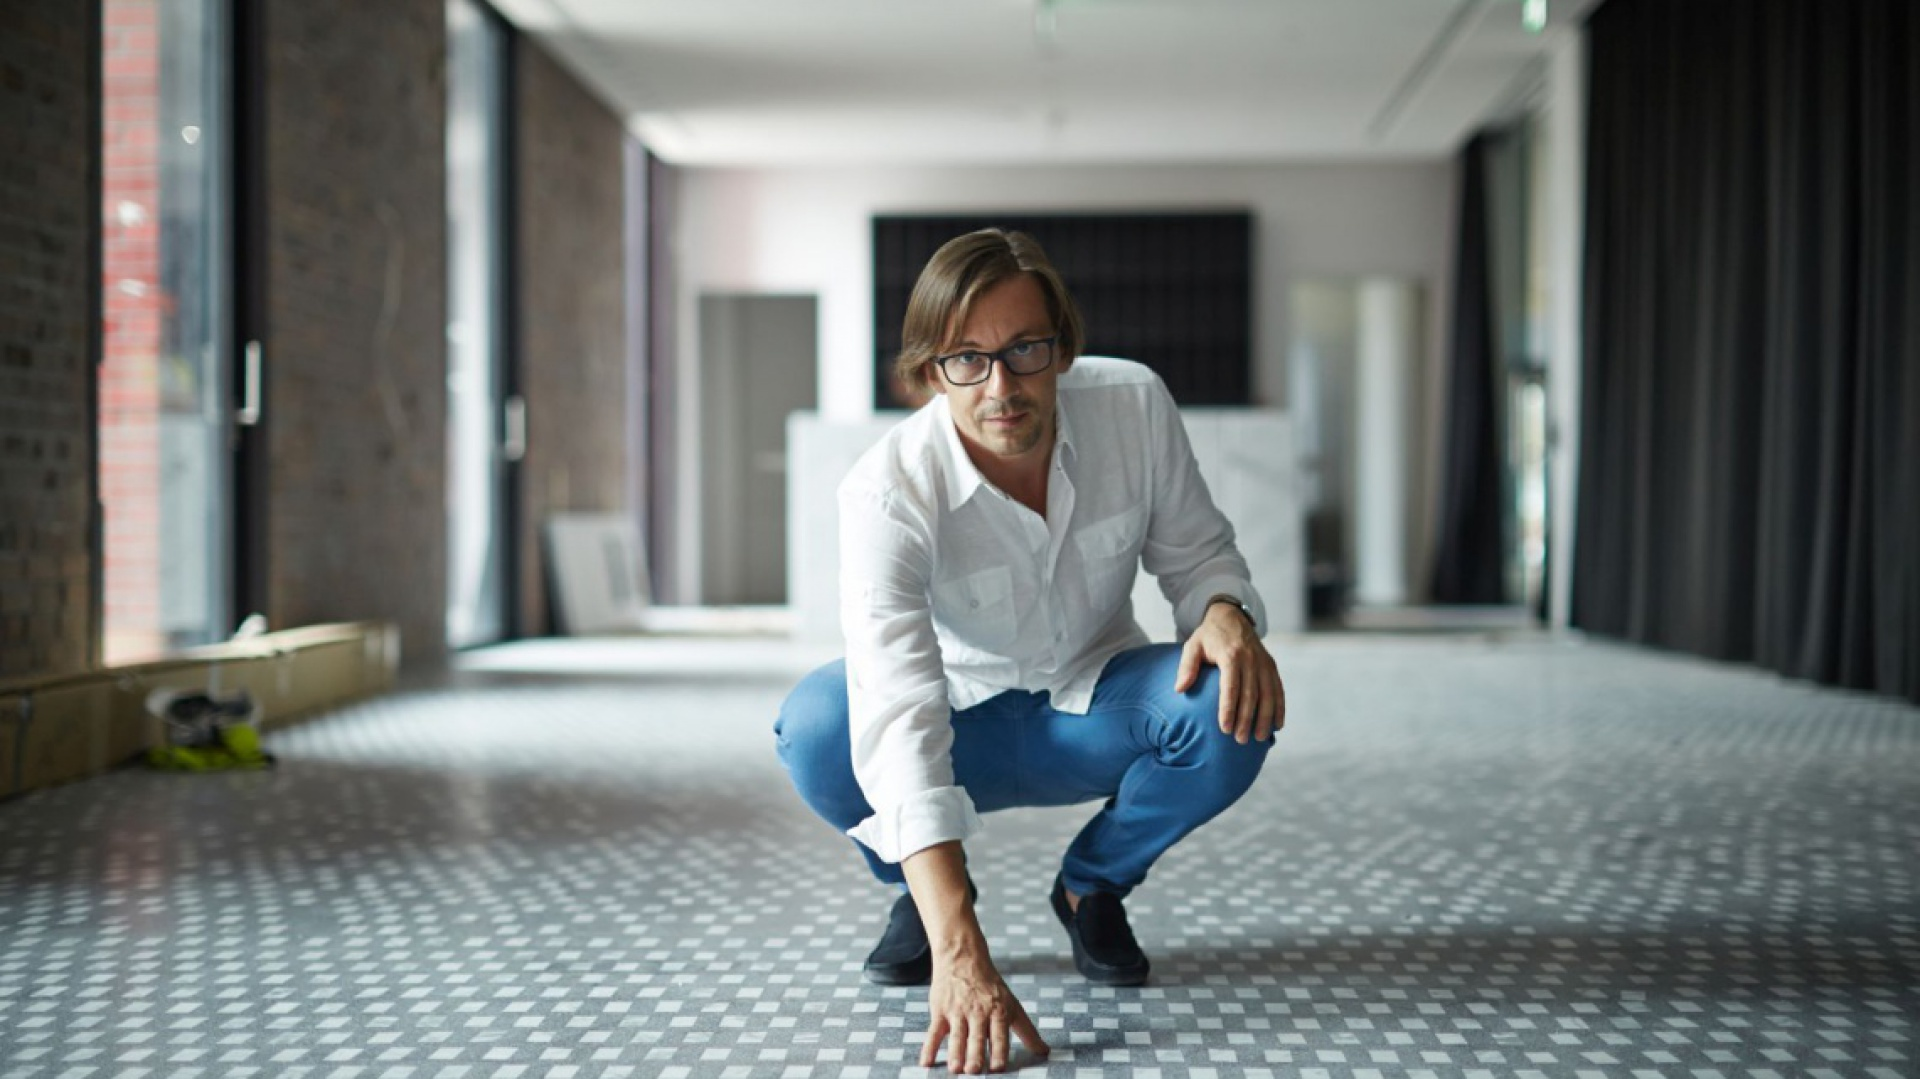 Tomasz Konior, projektant i założyciel Konior Studio. Fot. Archiwum projektanta